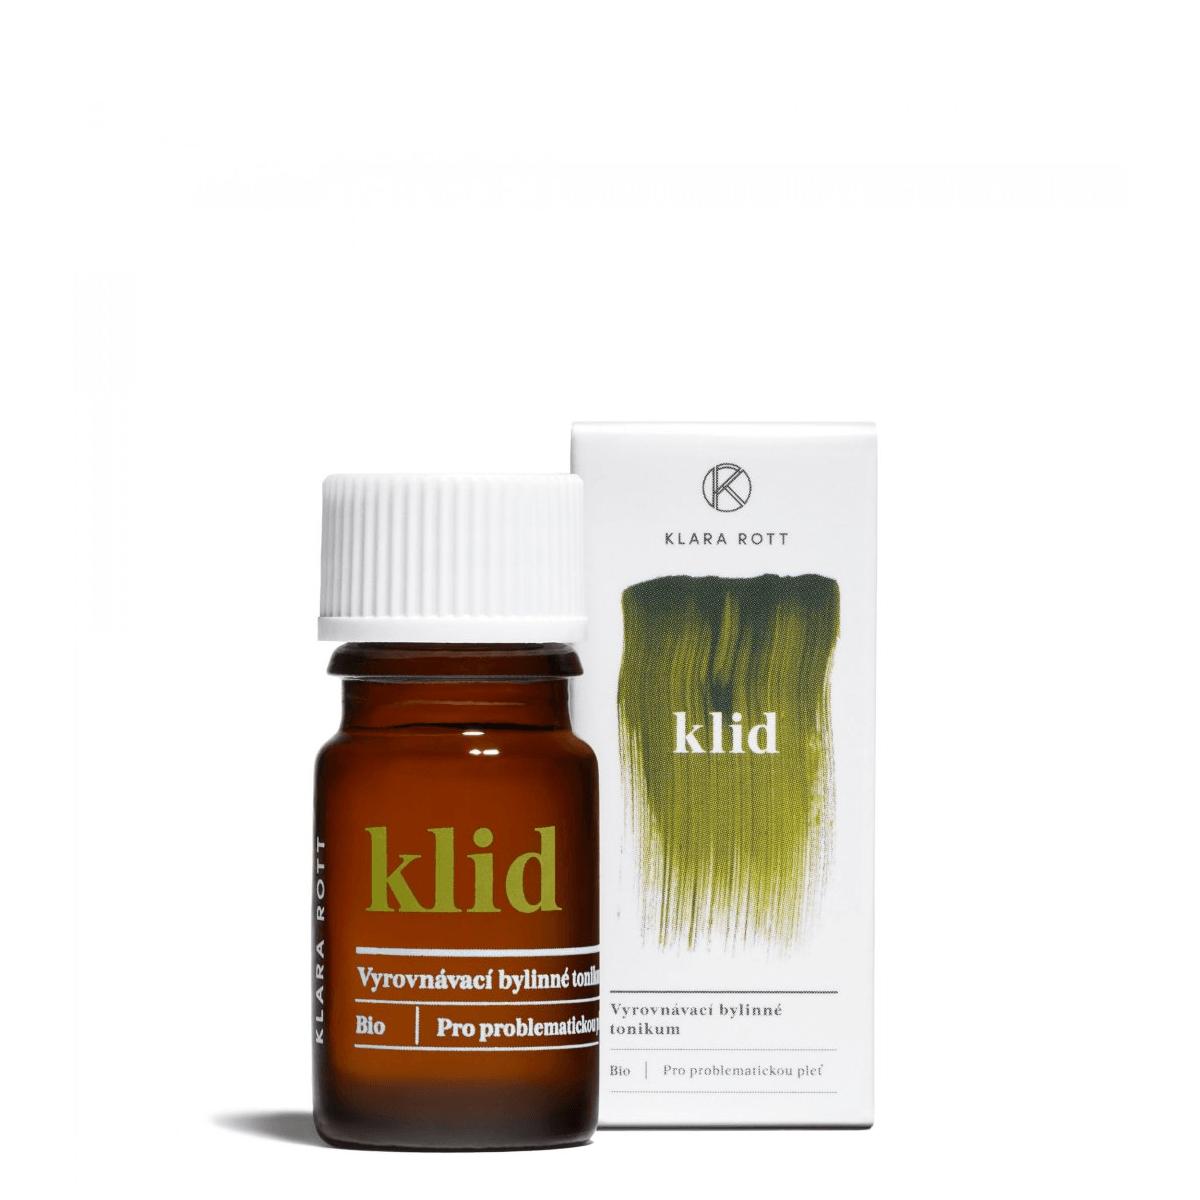 Malé balení Klid - Vyrovnávací bylinné tonikum pro problematickou pleť